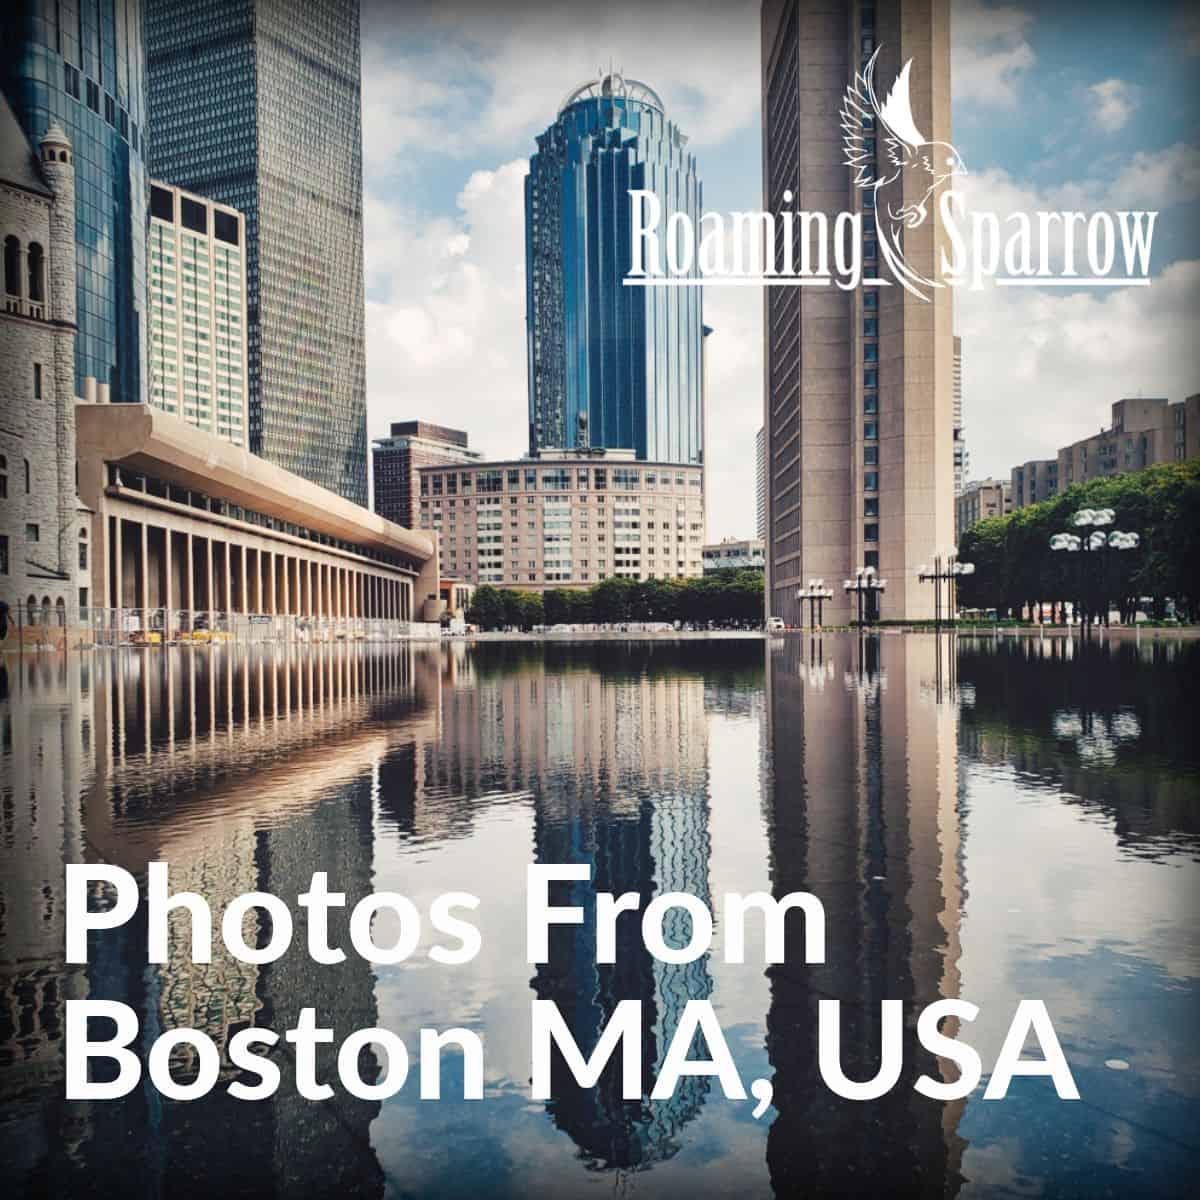 Boston MA, 2019